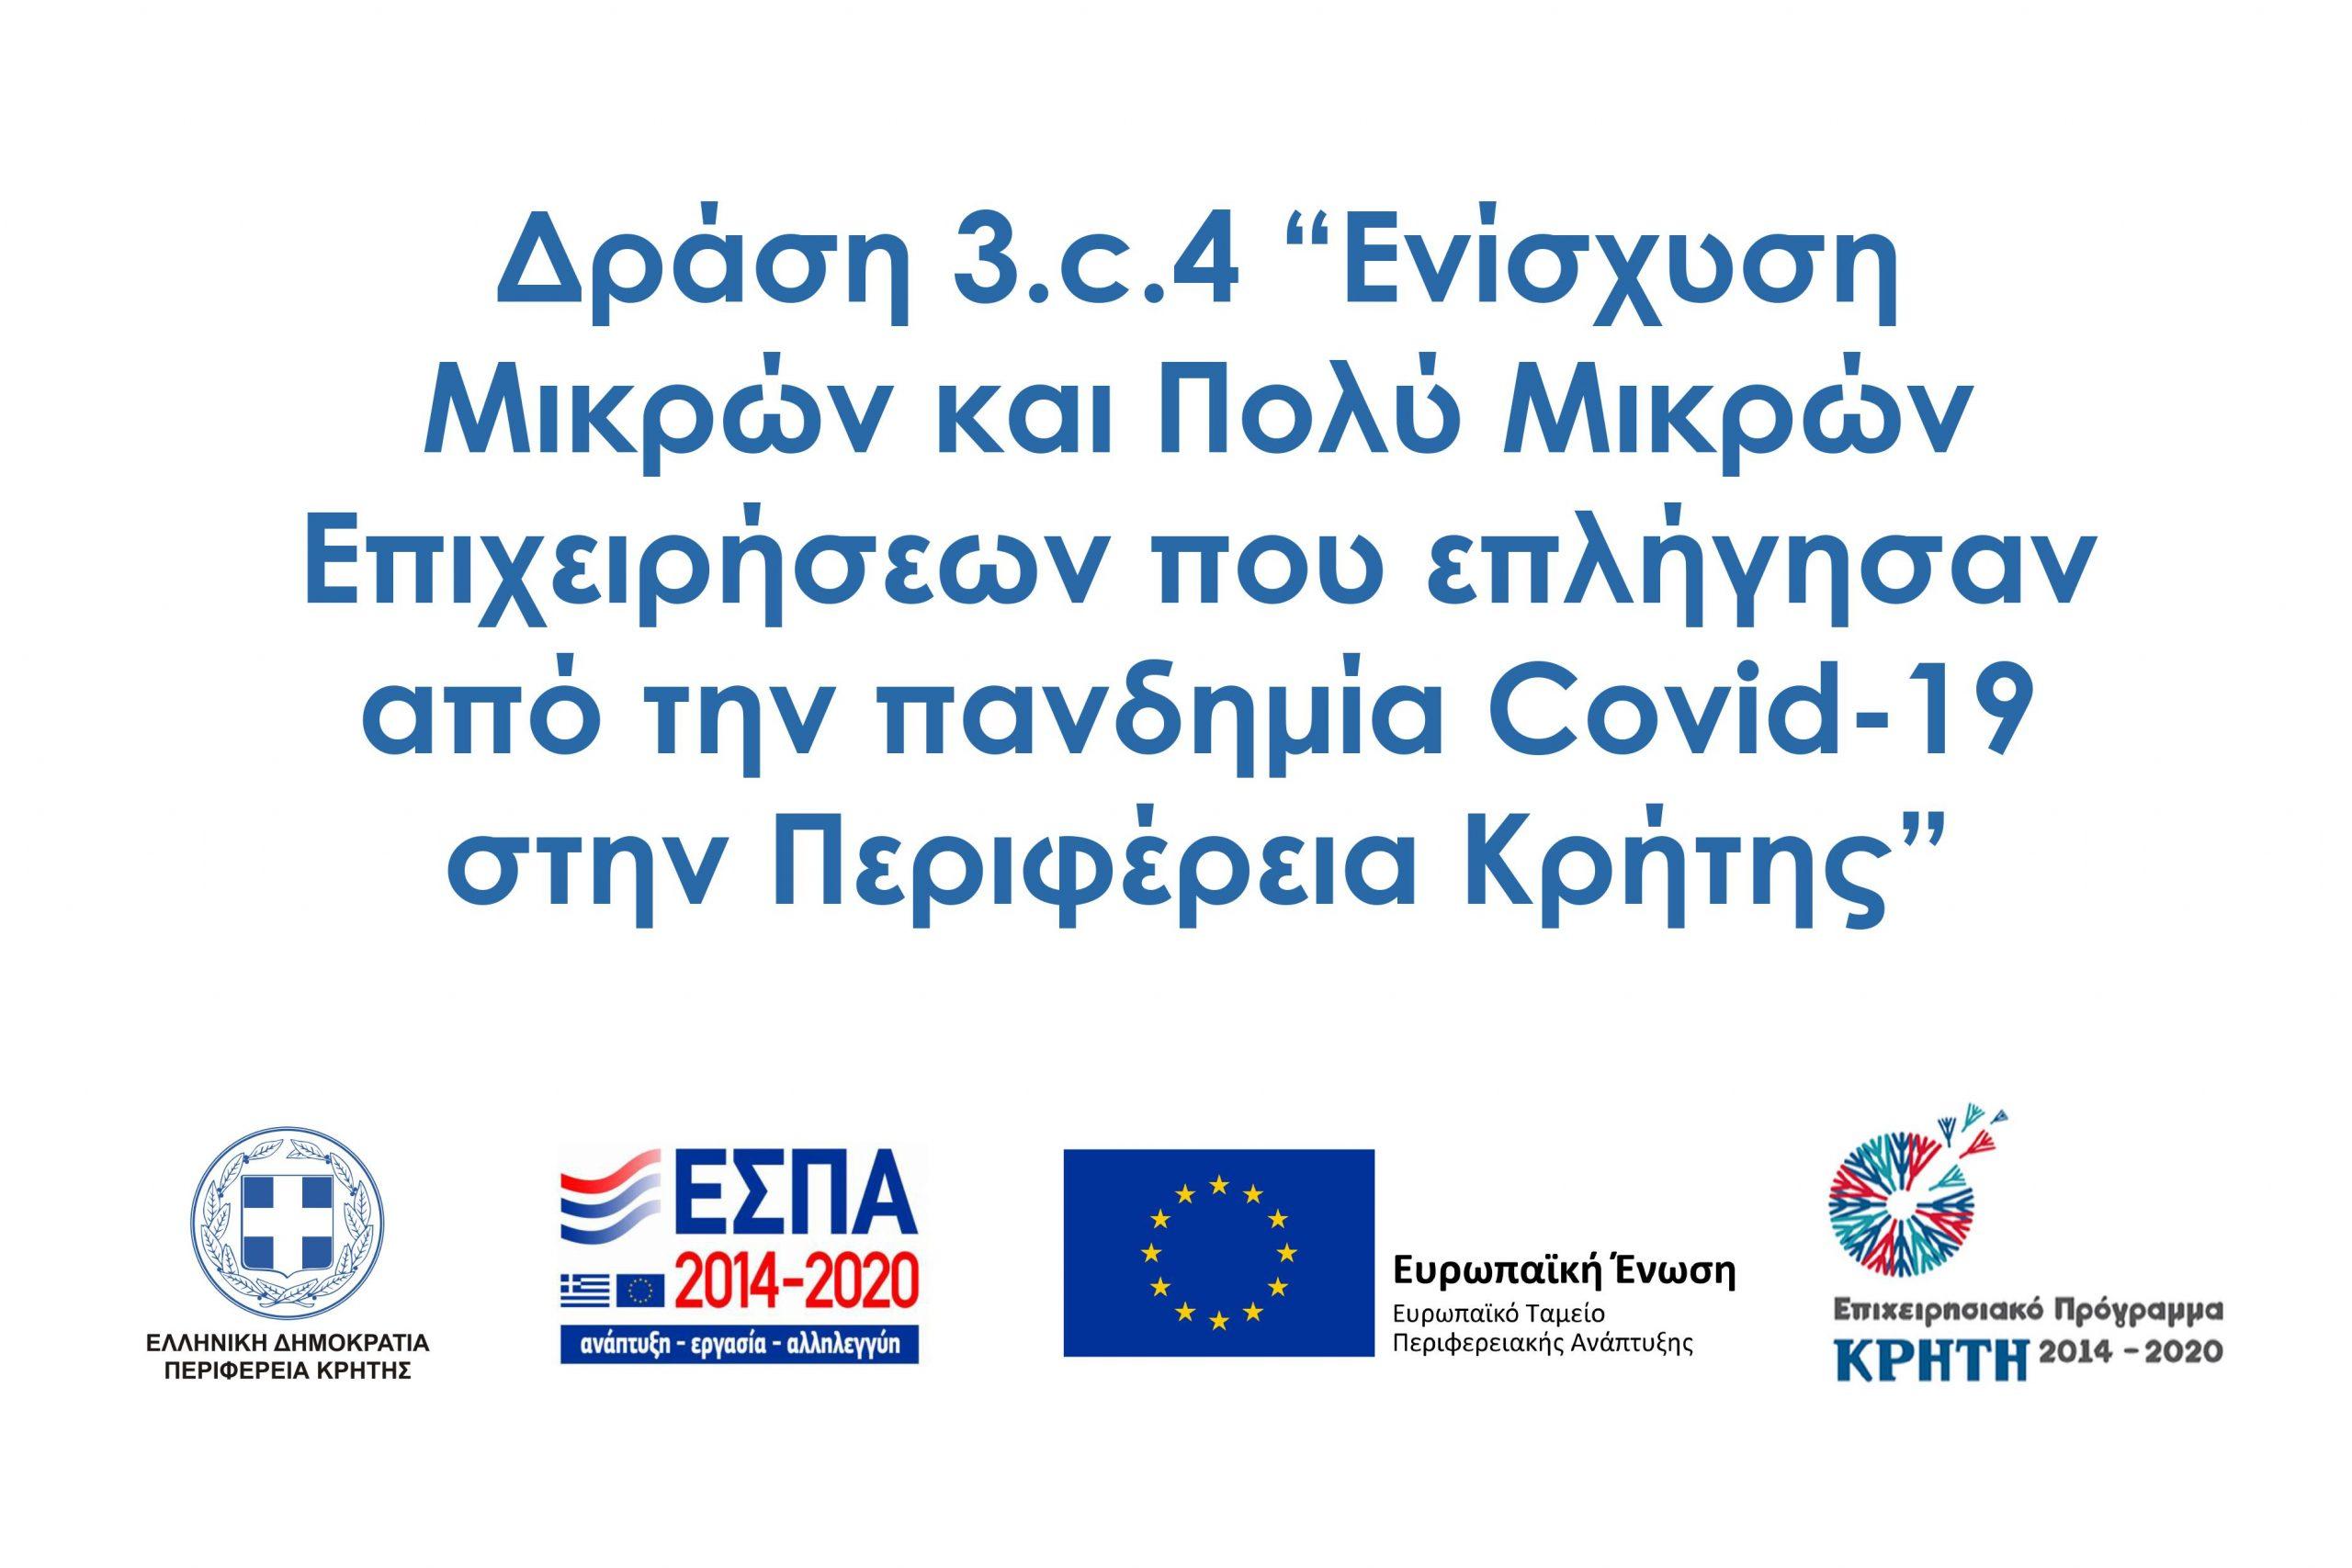 Προγραμματα 2014-2020 / Ενίσχυση Μικρών και Πολύ Μικρών Επιχειρήσεων που επλήγησαν από την πανδημία Covid-19 στην Περιφέρεια Κρήτης